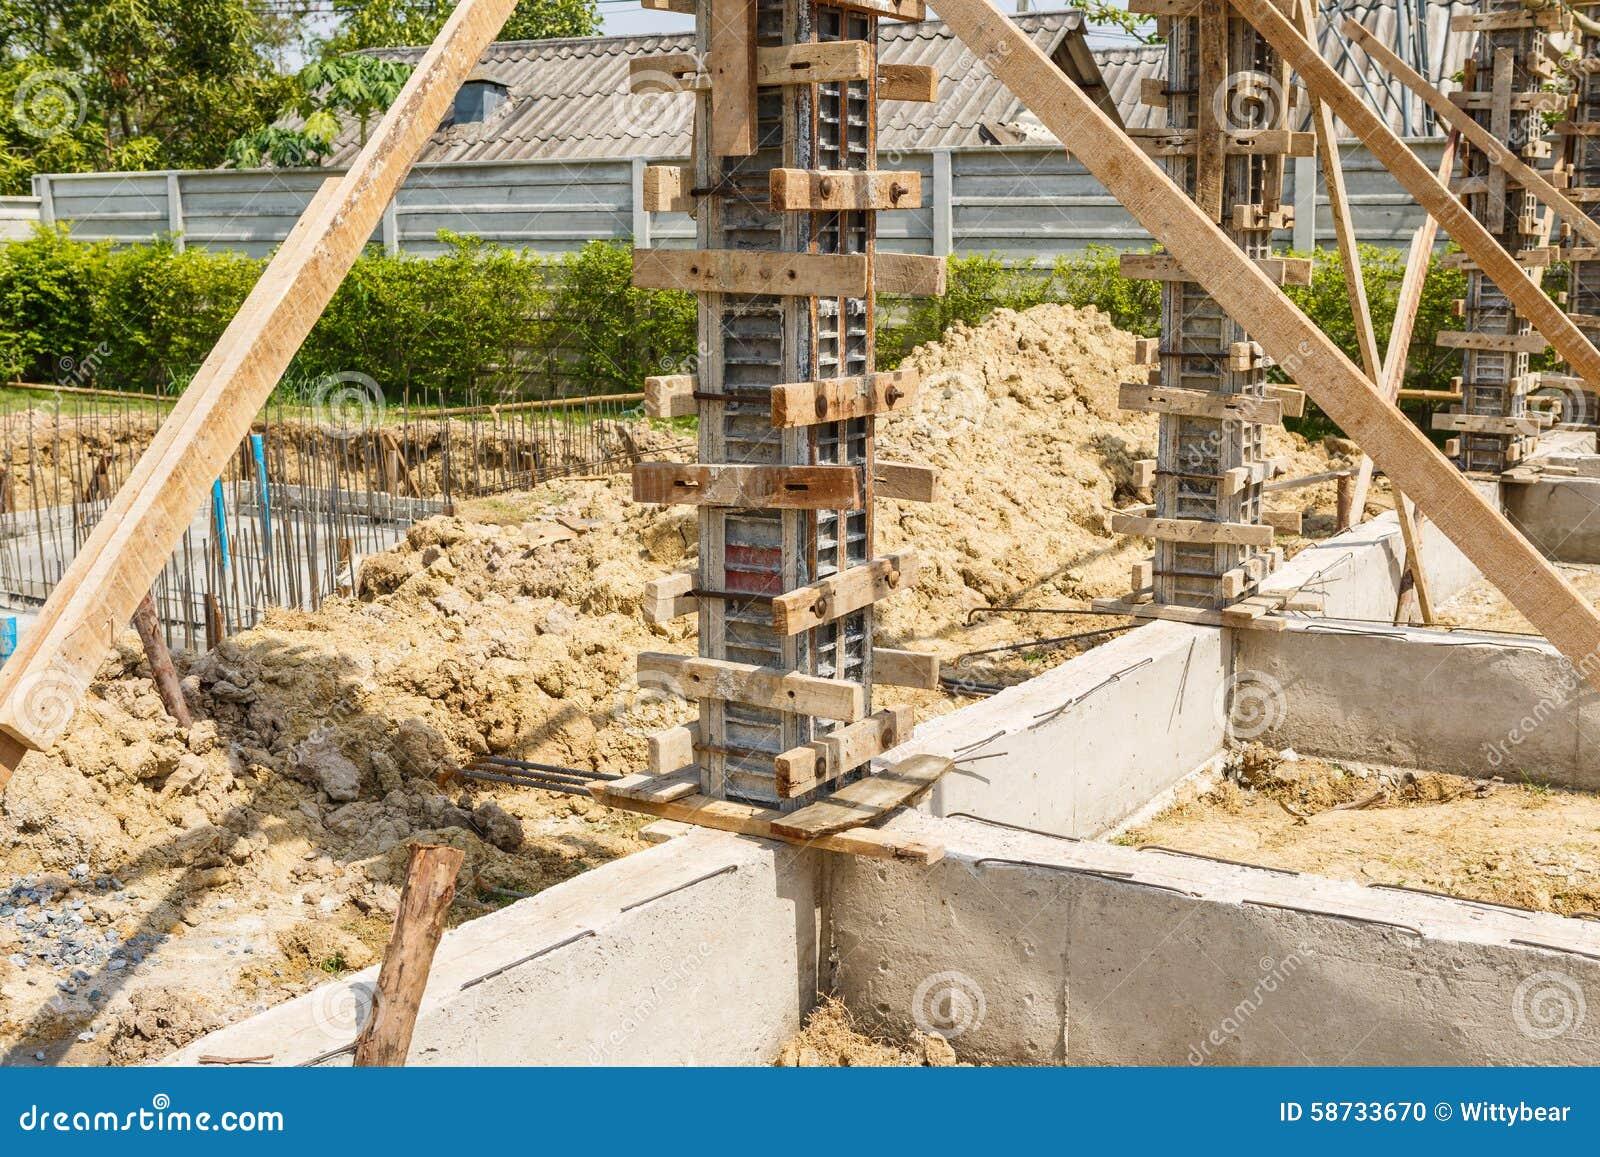 Concrete Pillar Mold For House Construction Stock Photo